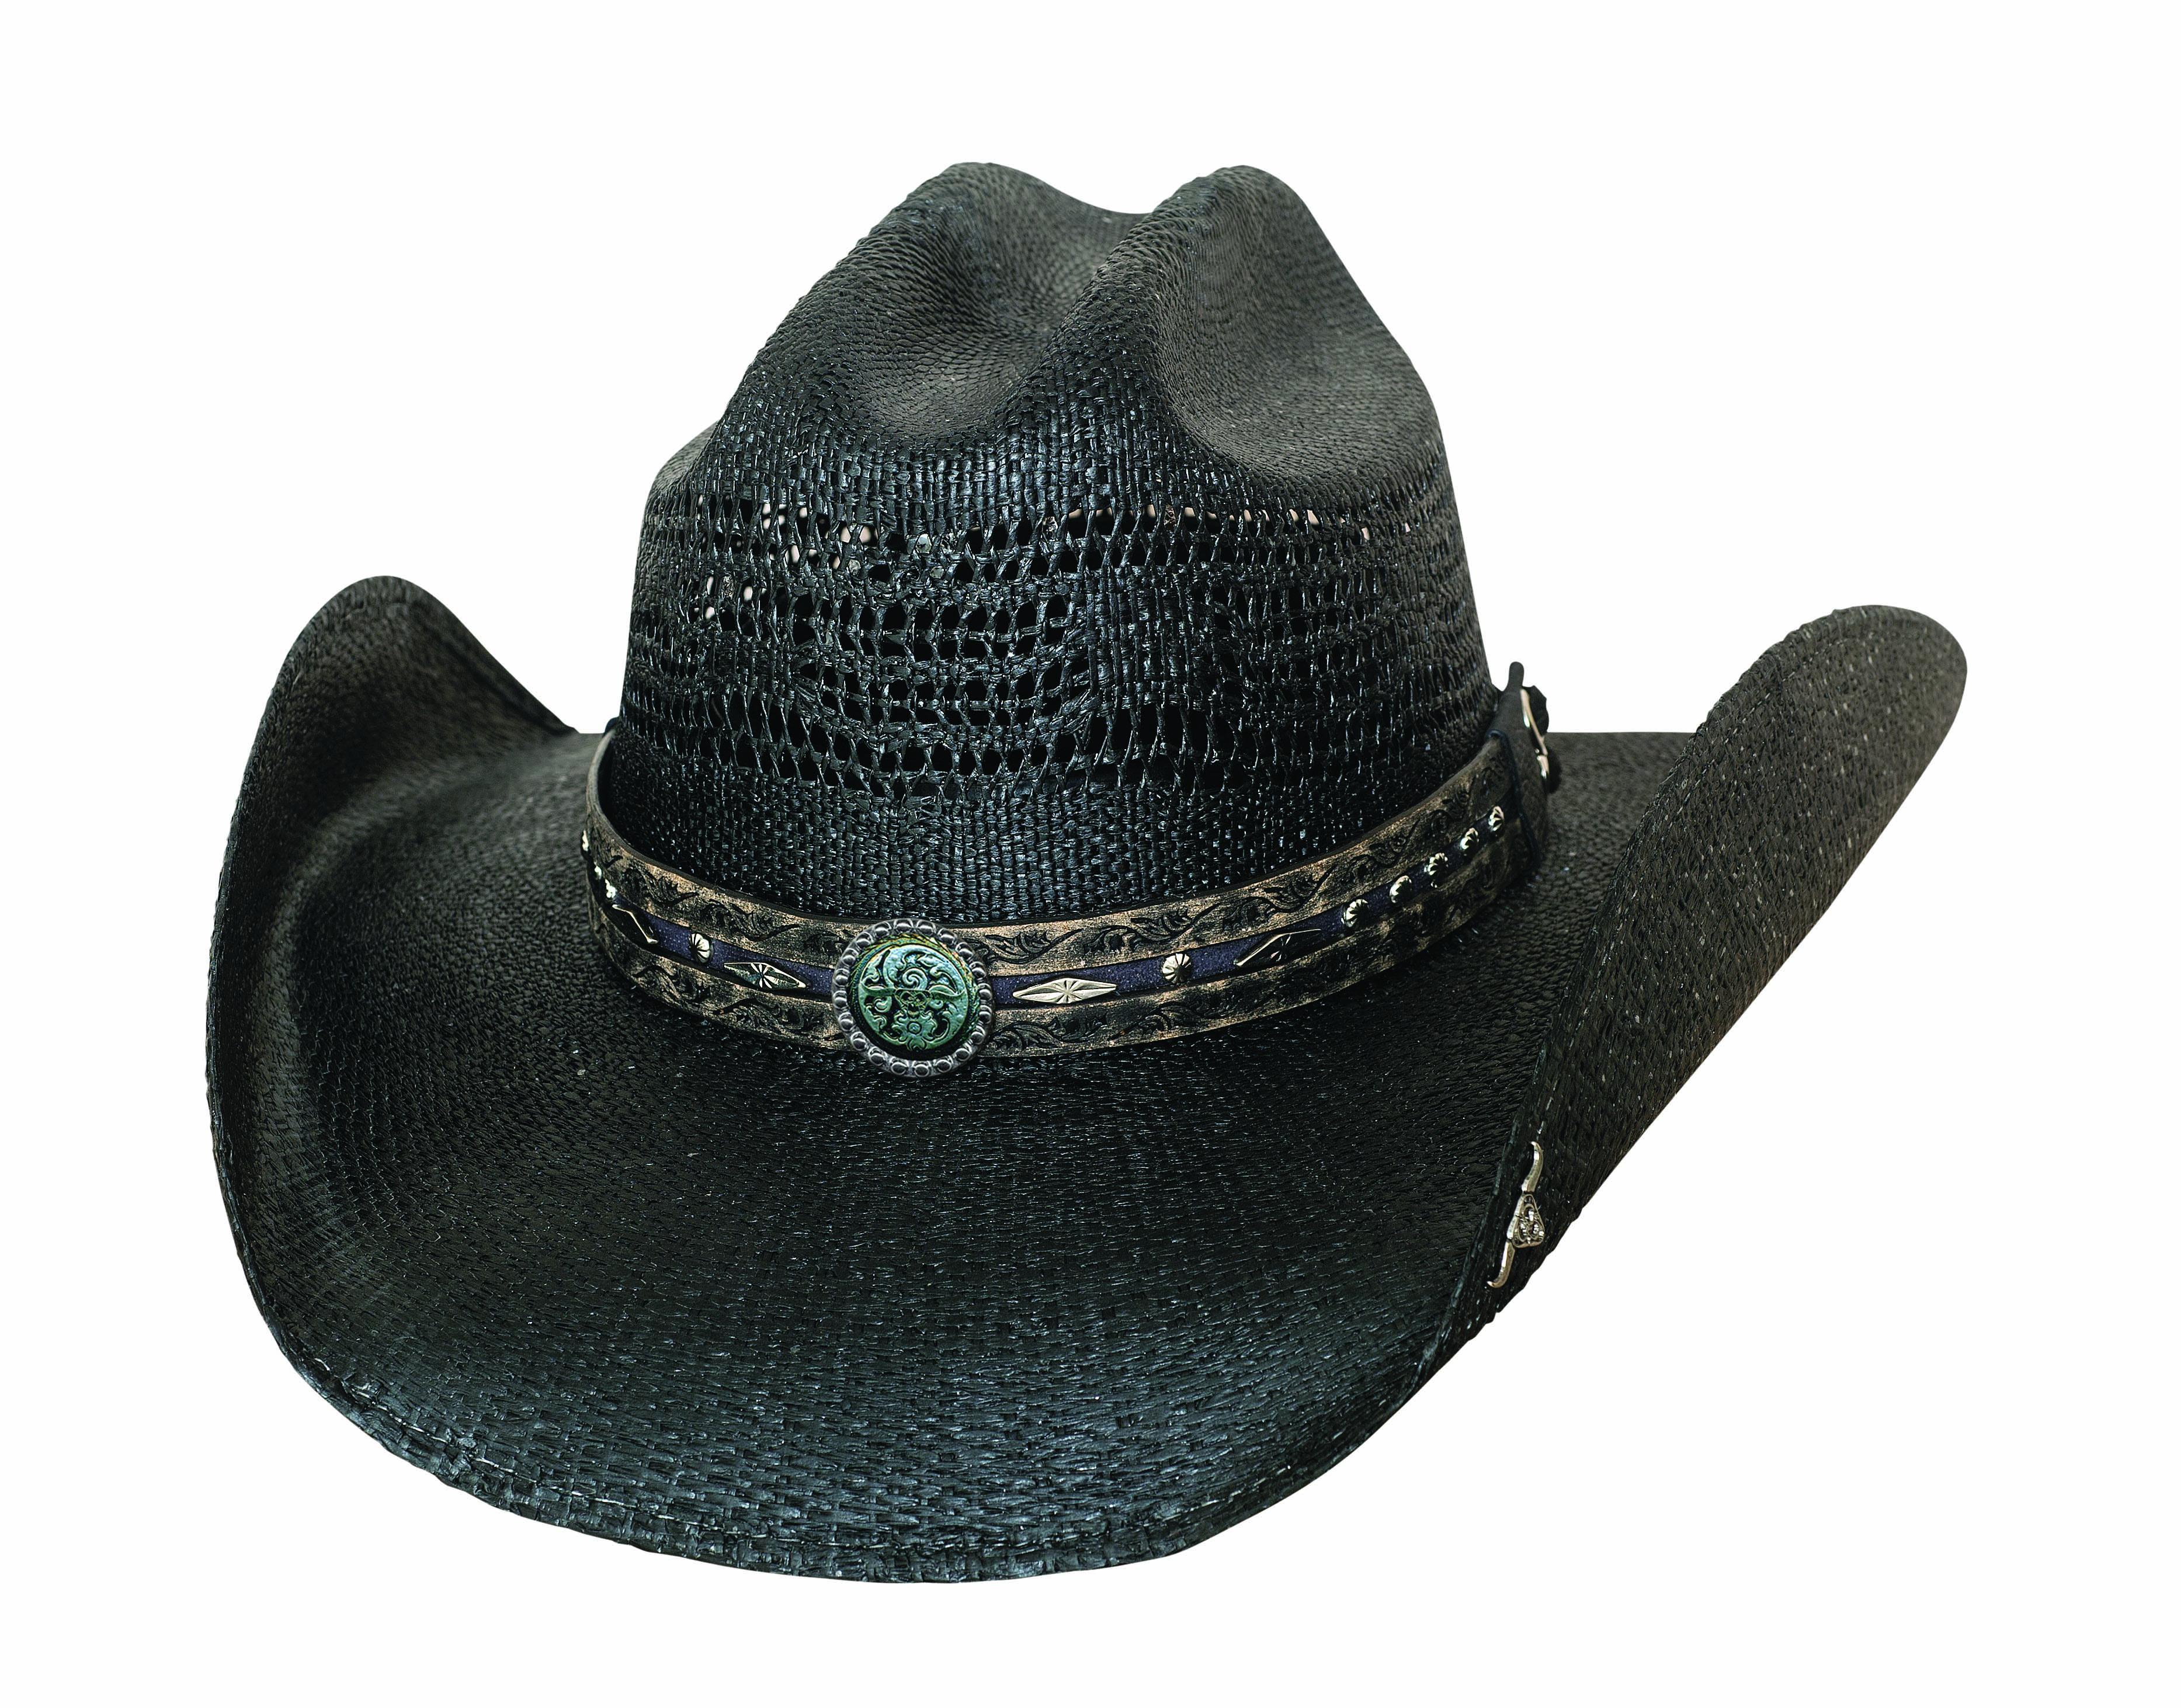 New Bullhide Corral Dust Black Straw Cowboy hat  8b0043c7da2a